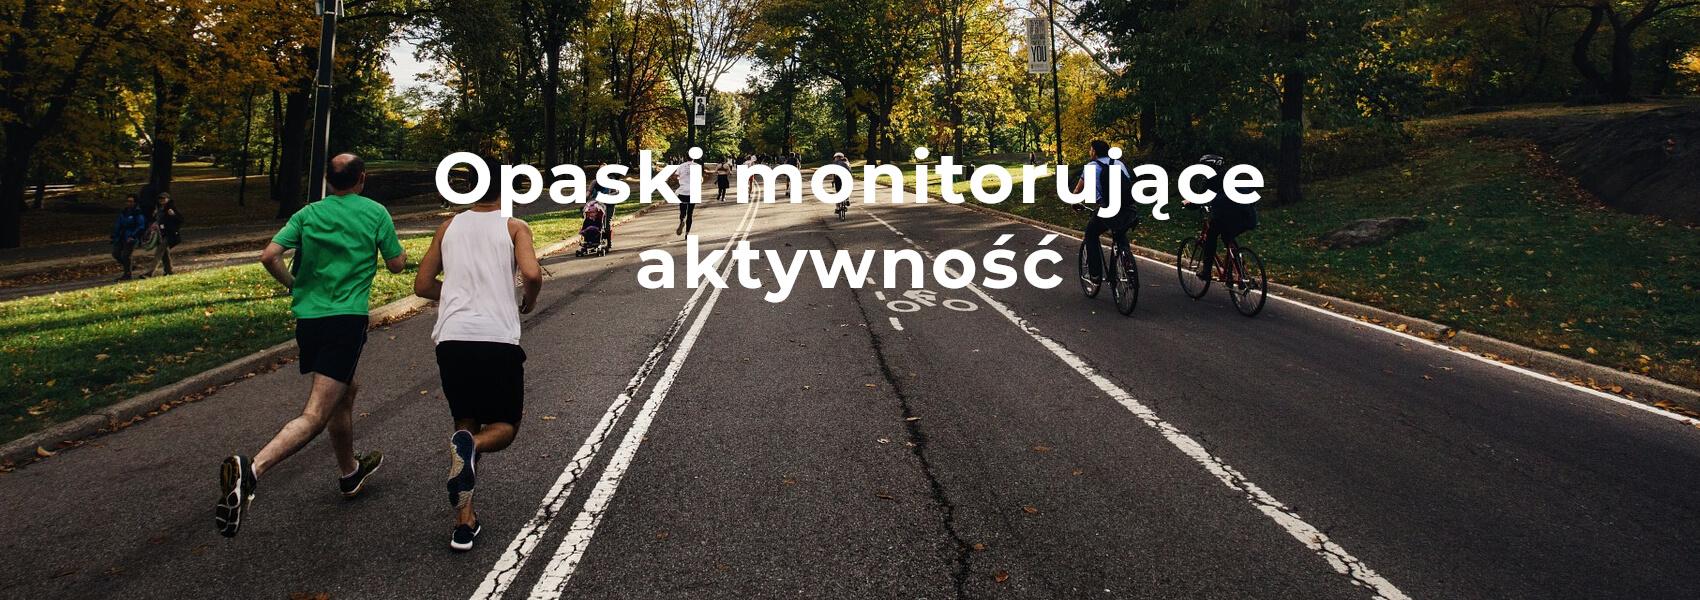 Opaski monitorujące aktywność